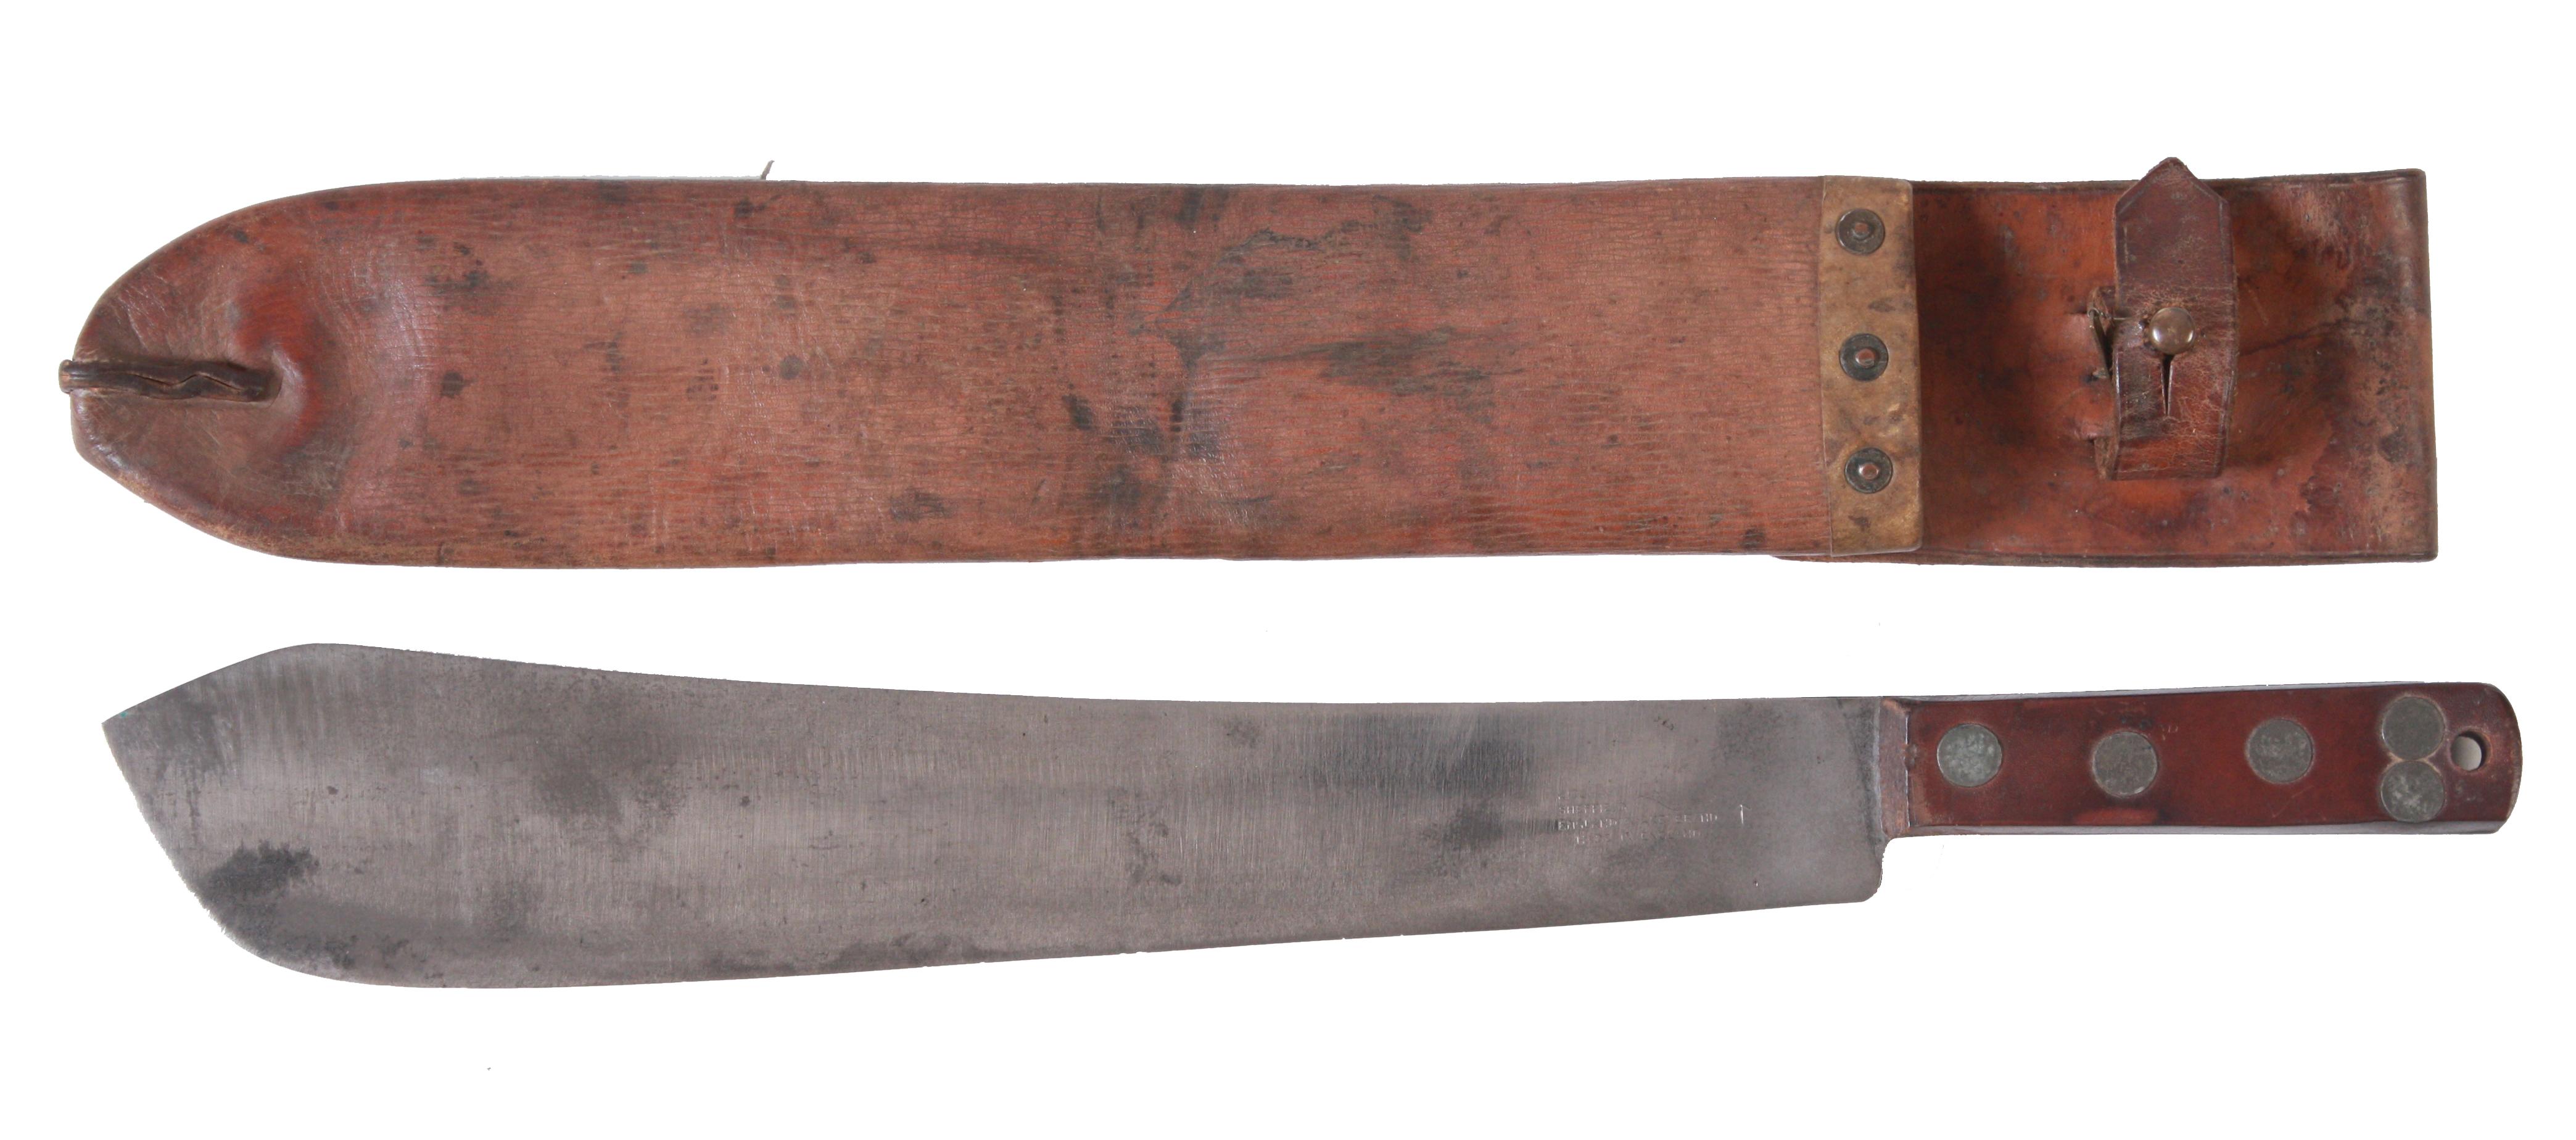 Maczeta angielska do cięcia faszyny z okresu II wojny światowej, używana w oddziałach Armii Polskiej na Wschodzie